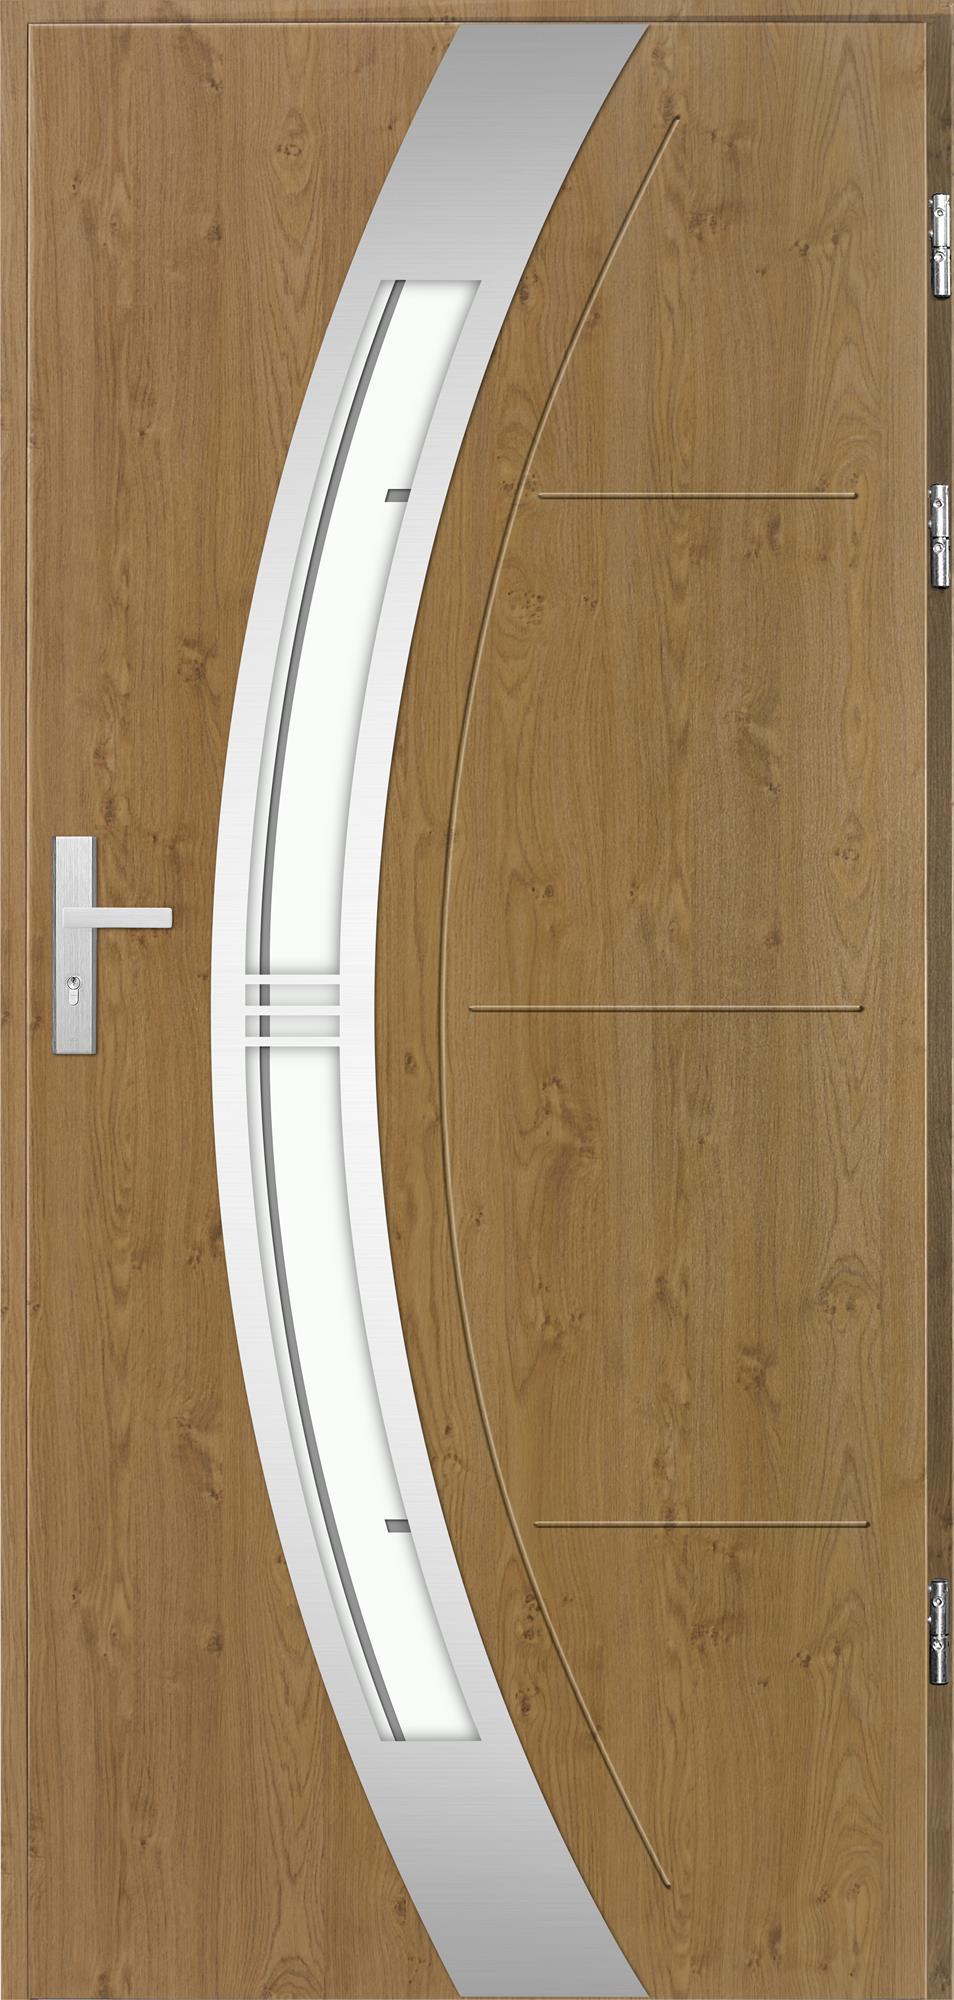 Venkovní vchodové dveøe Andrea, winchester